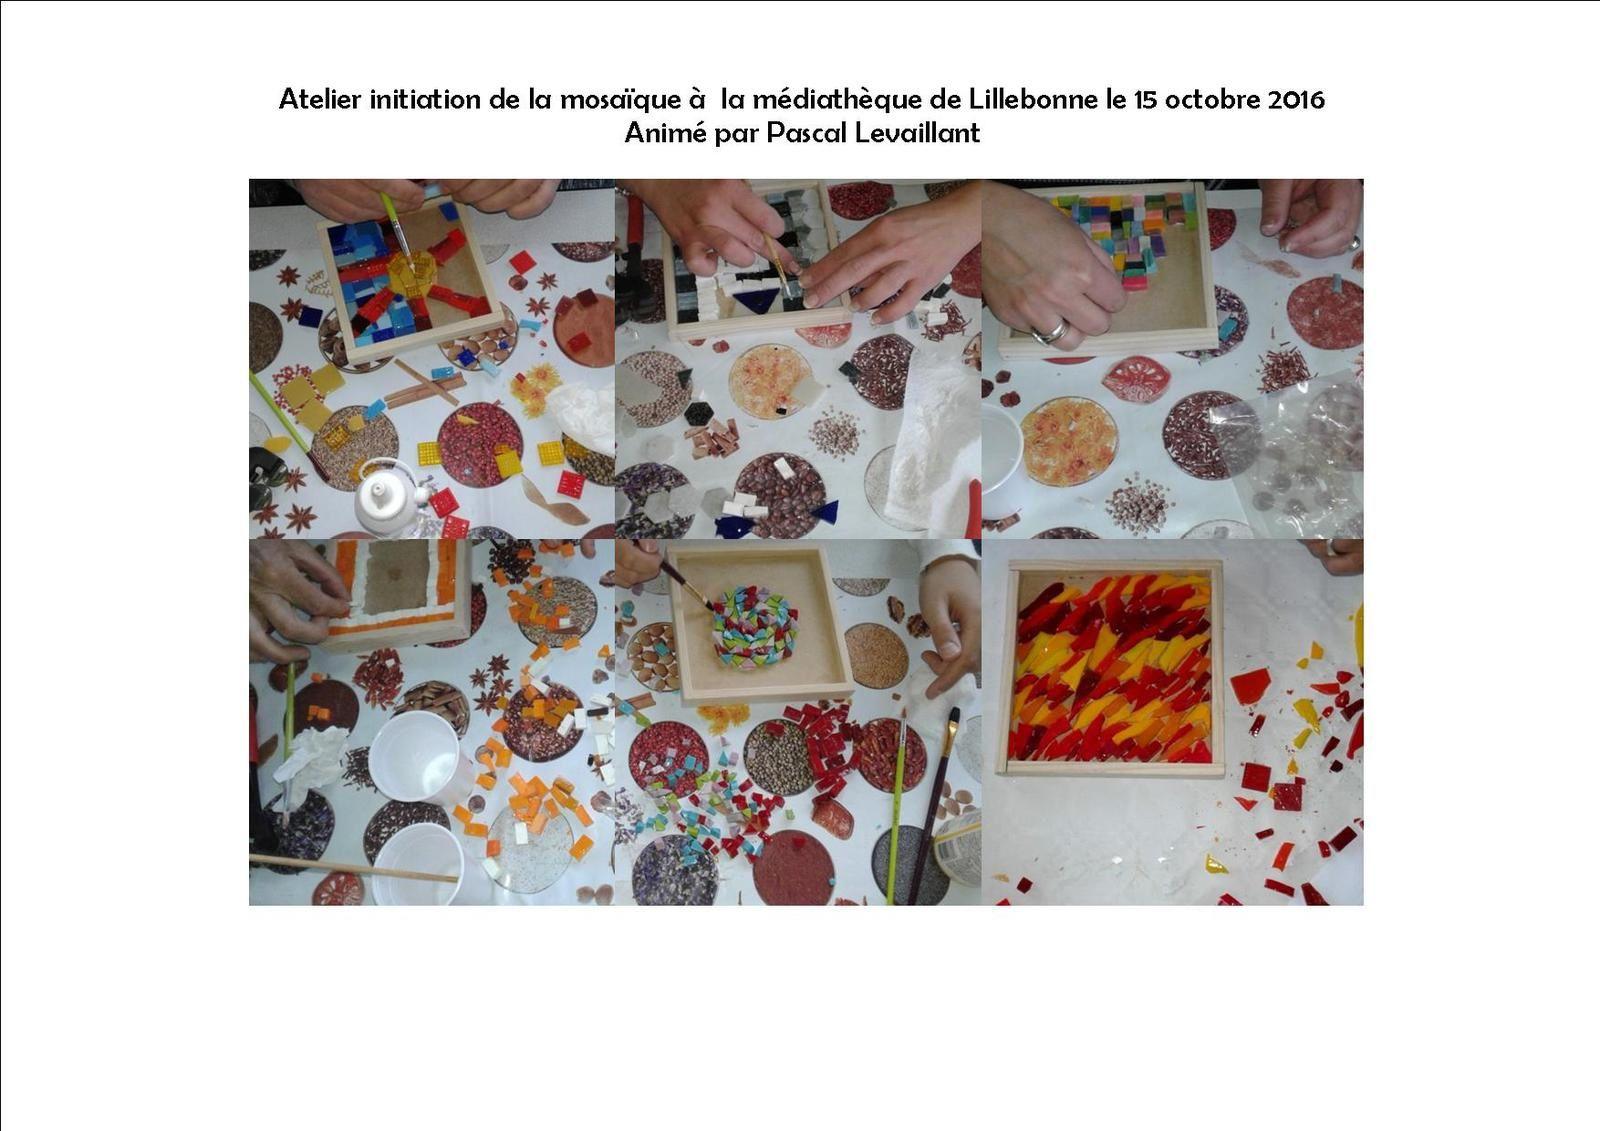 Atelier initiation de la mosaïque à  la médiathèque de Lillebonne le 15 octobre 2016, animé par Pascal Levaillant